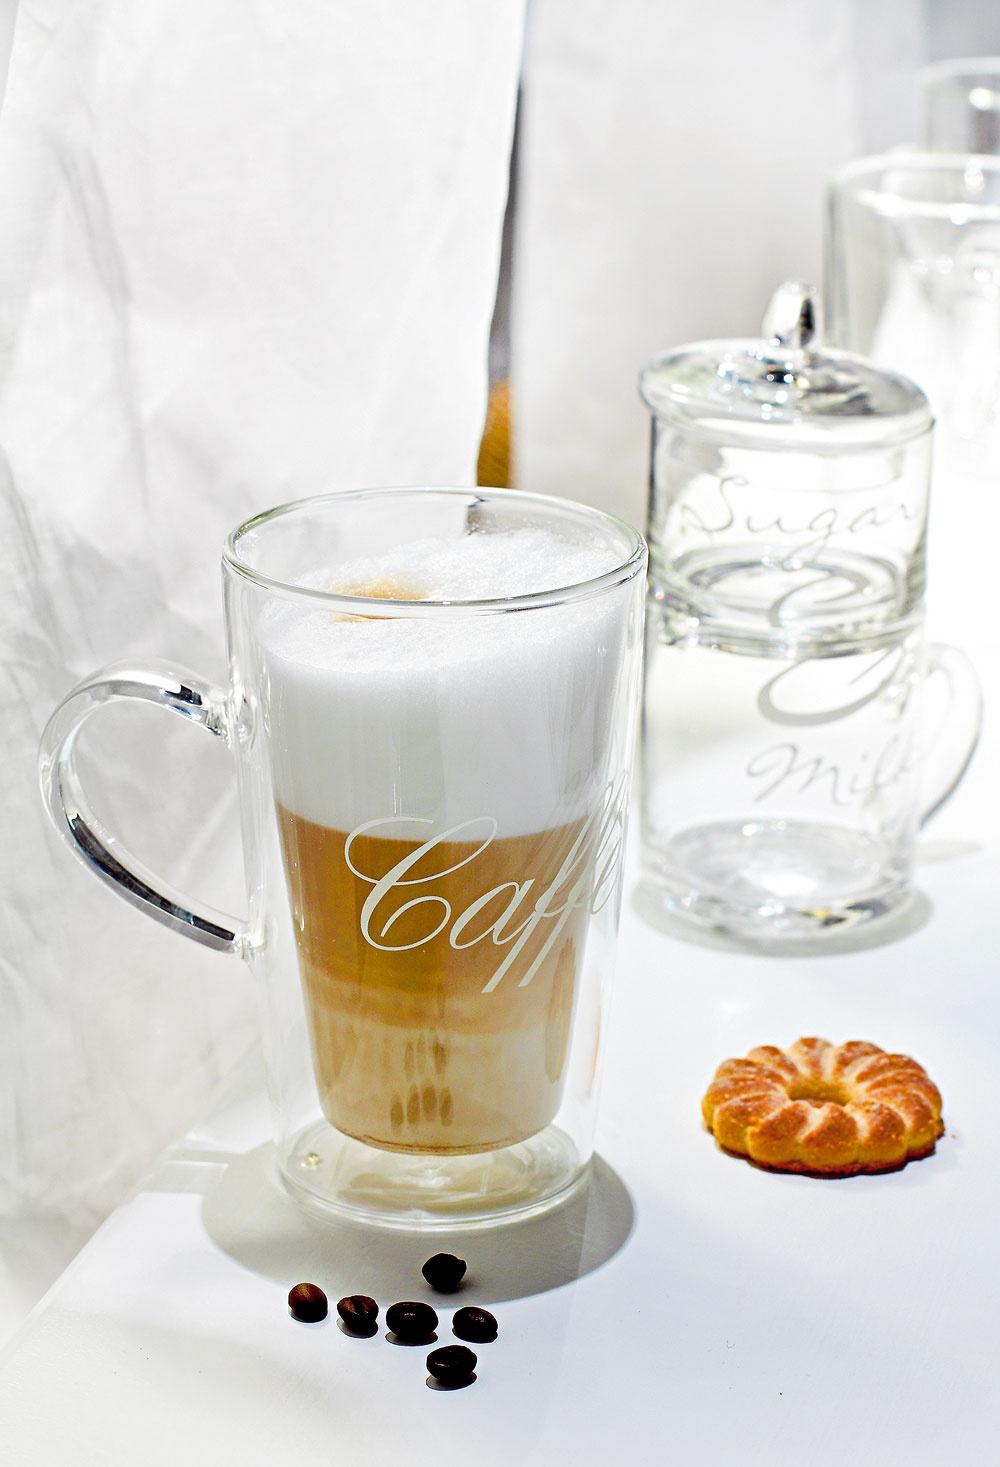 Sklenená šálka Caffe Latte s dvojitou stenou, udržiava nápoj teplý, povrch šálky ostáva studený. Cena 20 €. Súprava dózičky na cukor a džbánika na mlieko Milk & Sugar Stackable Set, cena 25 €. Všetko od firmy Rivièra Maison. Predáva Elmina, Light Park.